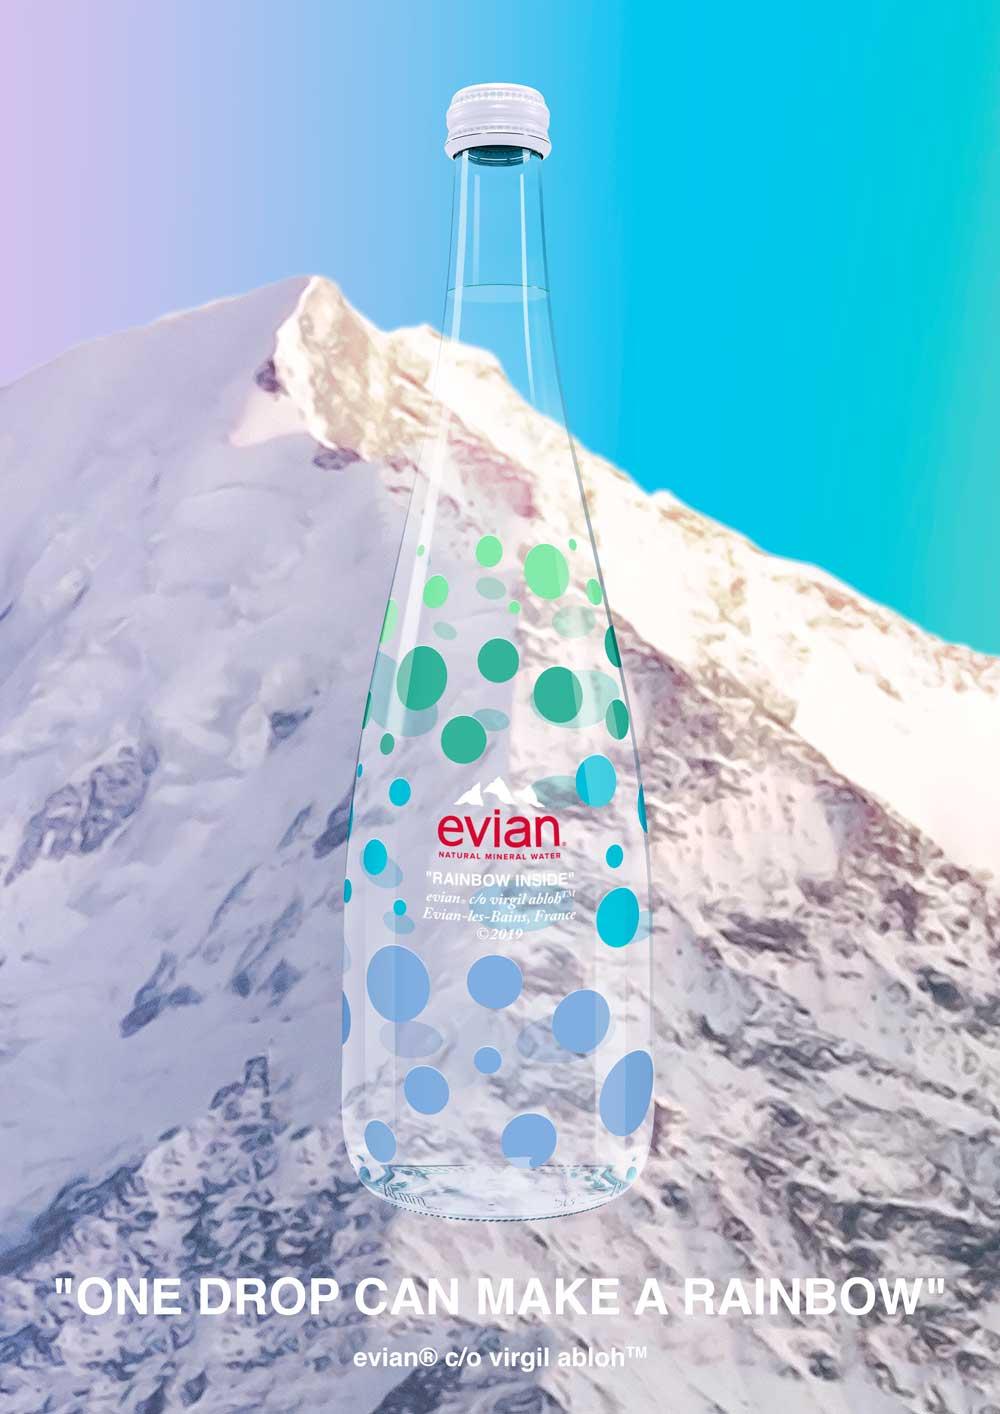 Lifestyle-Guru und Trendsetter Virgil Abloh macht mit der limited edition von evian den Griff zur Wasserflasche besonders stylish.